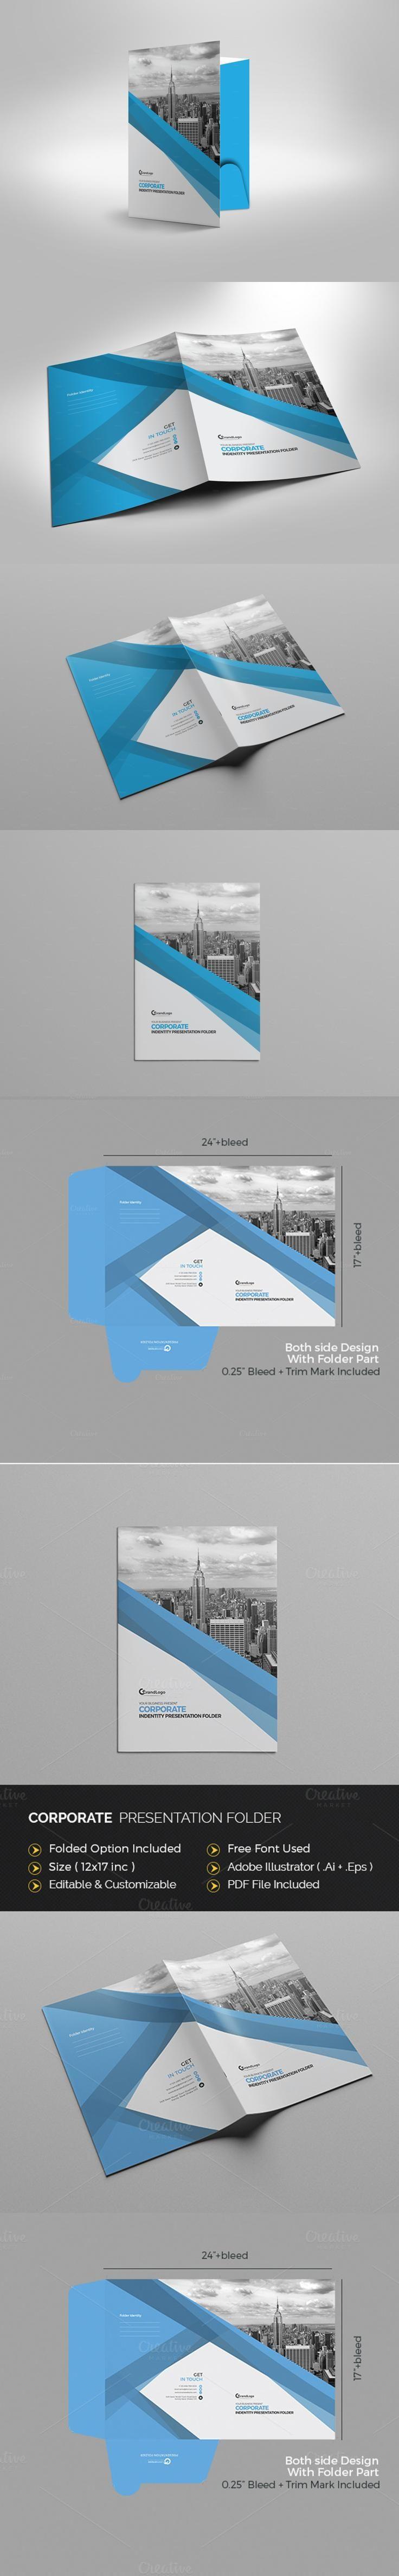 #folder #design from Cristal Pioneer   DOWNLOAD: https://creativemarket.com/Cristal_P/670156-Corporate-Presentation-Folder?u=zsoltczigler